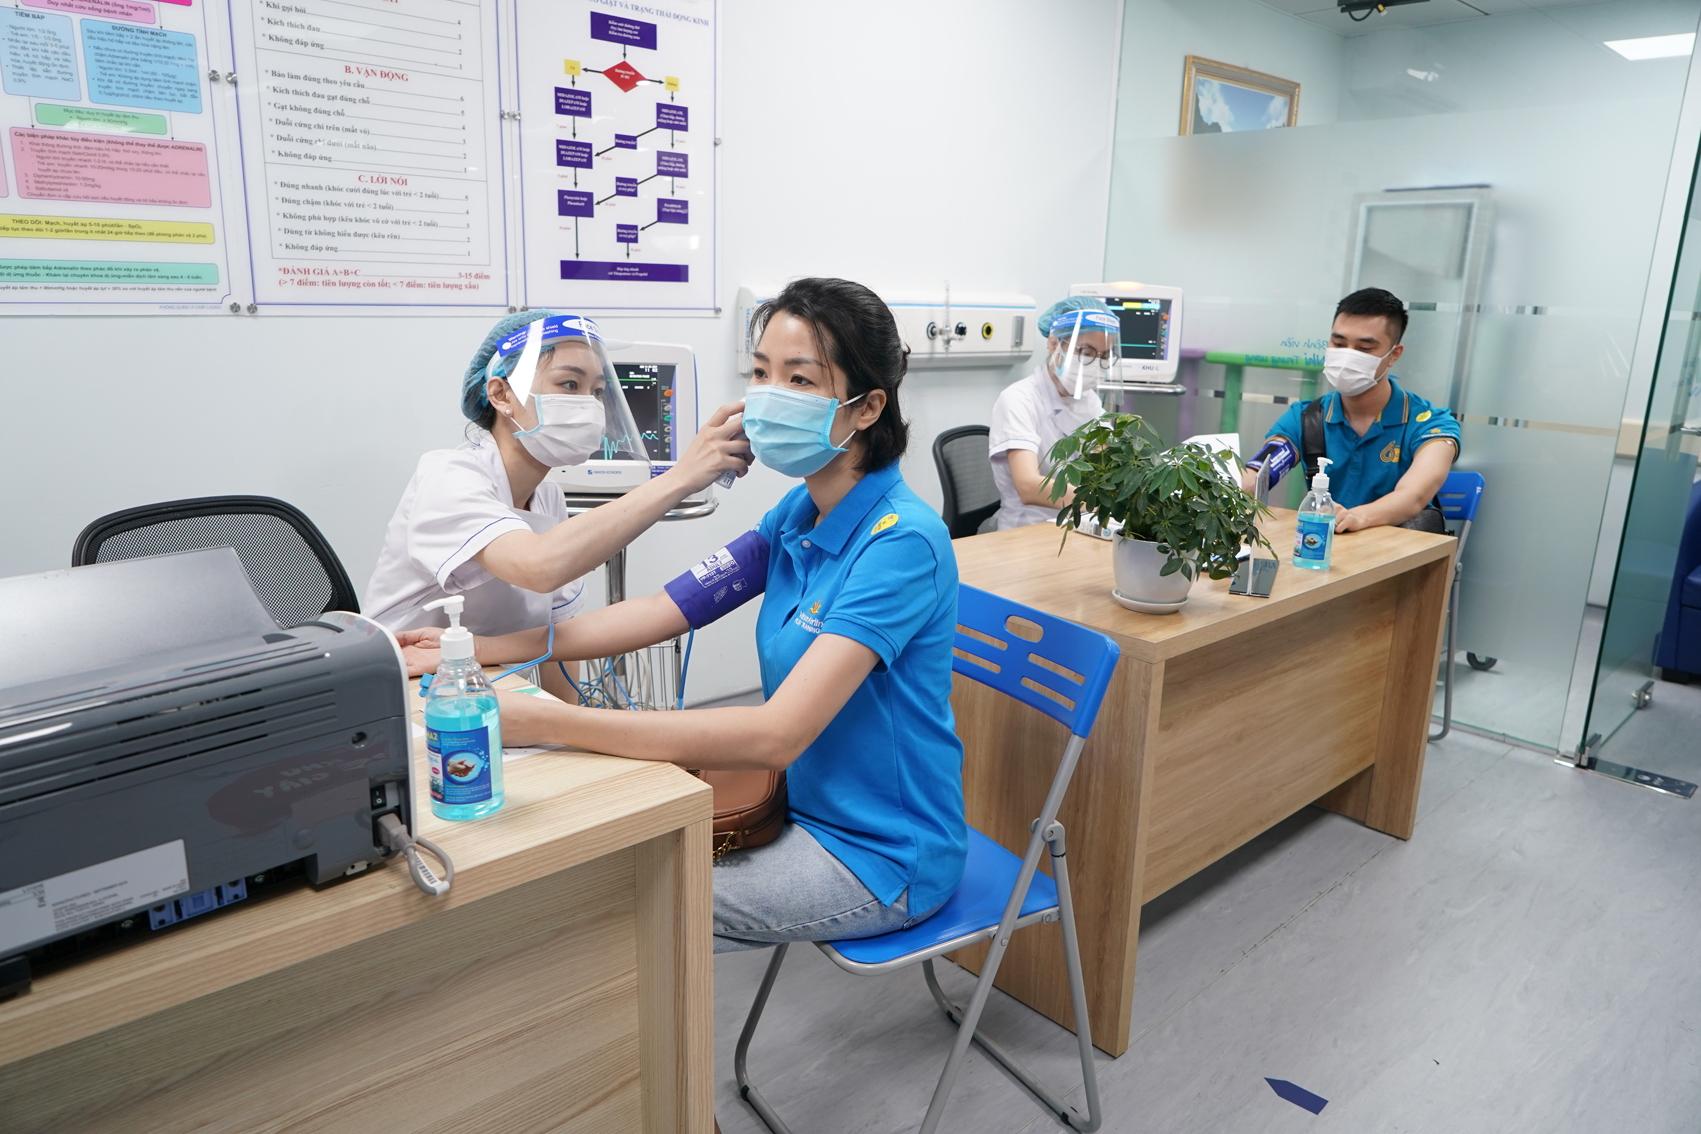 Gần 2.300 cán bộ, nhân viên Vietnam Airlines Group đã được tiêm vắc-xin phòng COVID-19 từ chương trình của Chính phủ - Ảnh: Q.T.